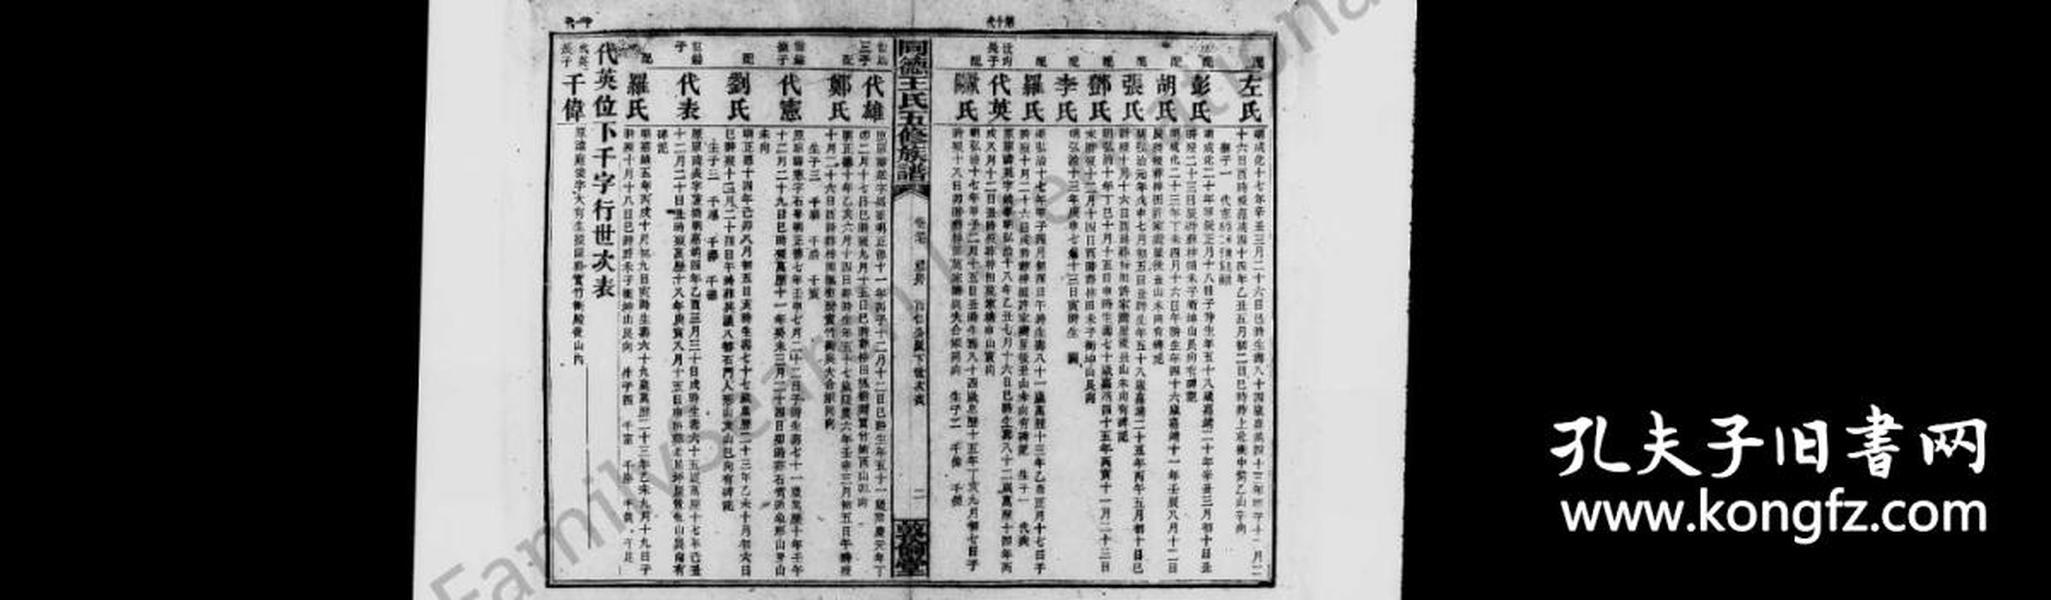 三塘周氏五续族谱 [8卷,首1卷]